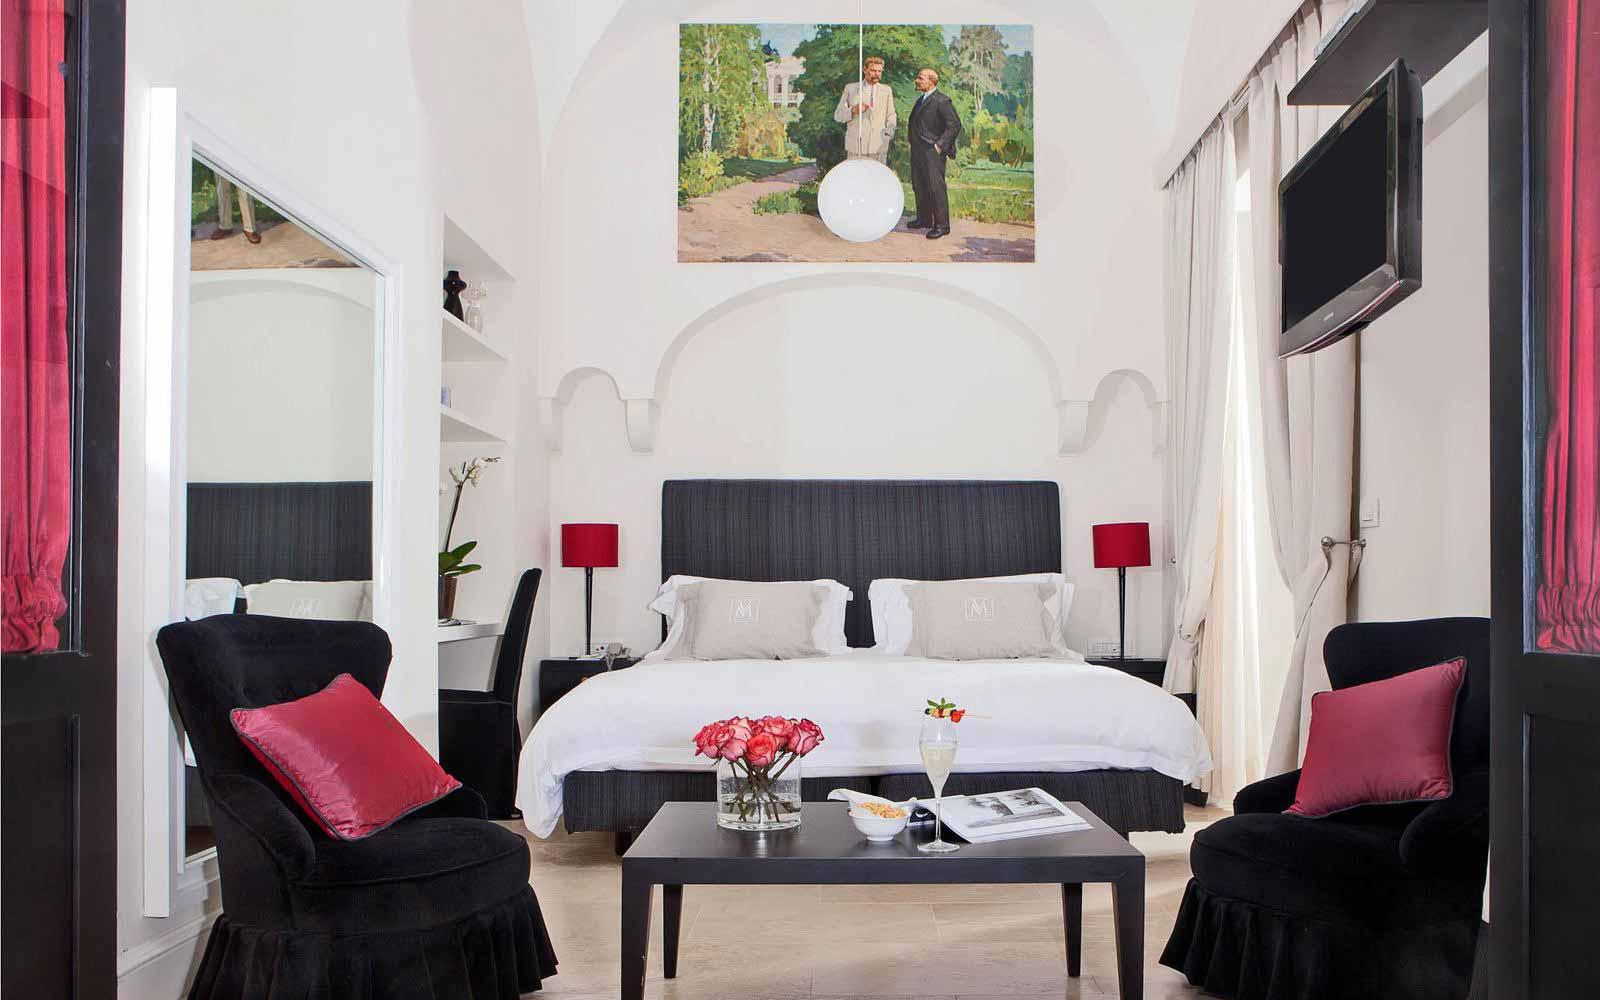 Deluxe room at Villa Marini Capri Hotel & Spa